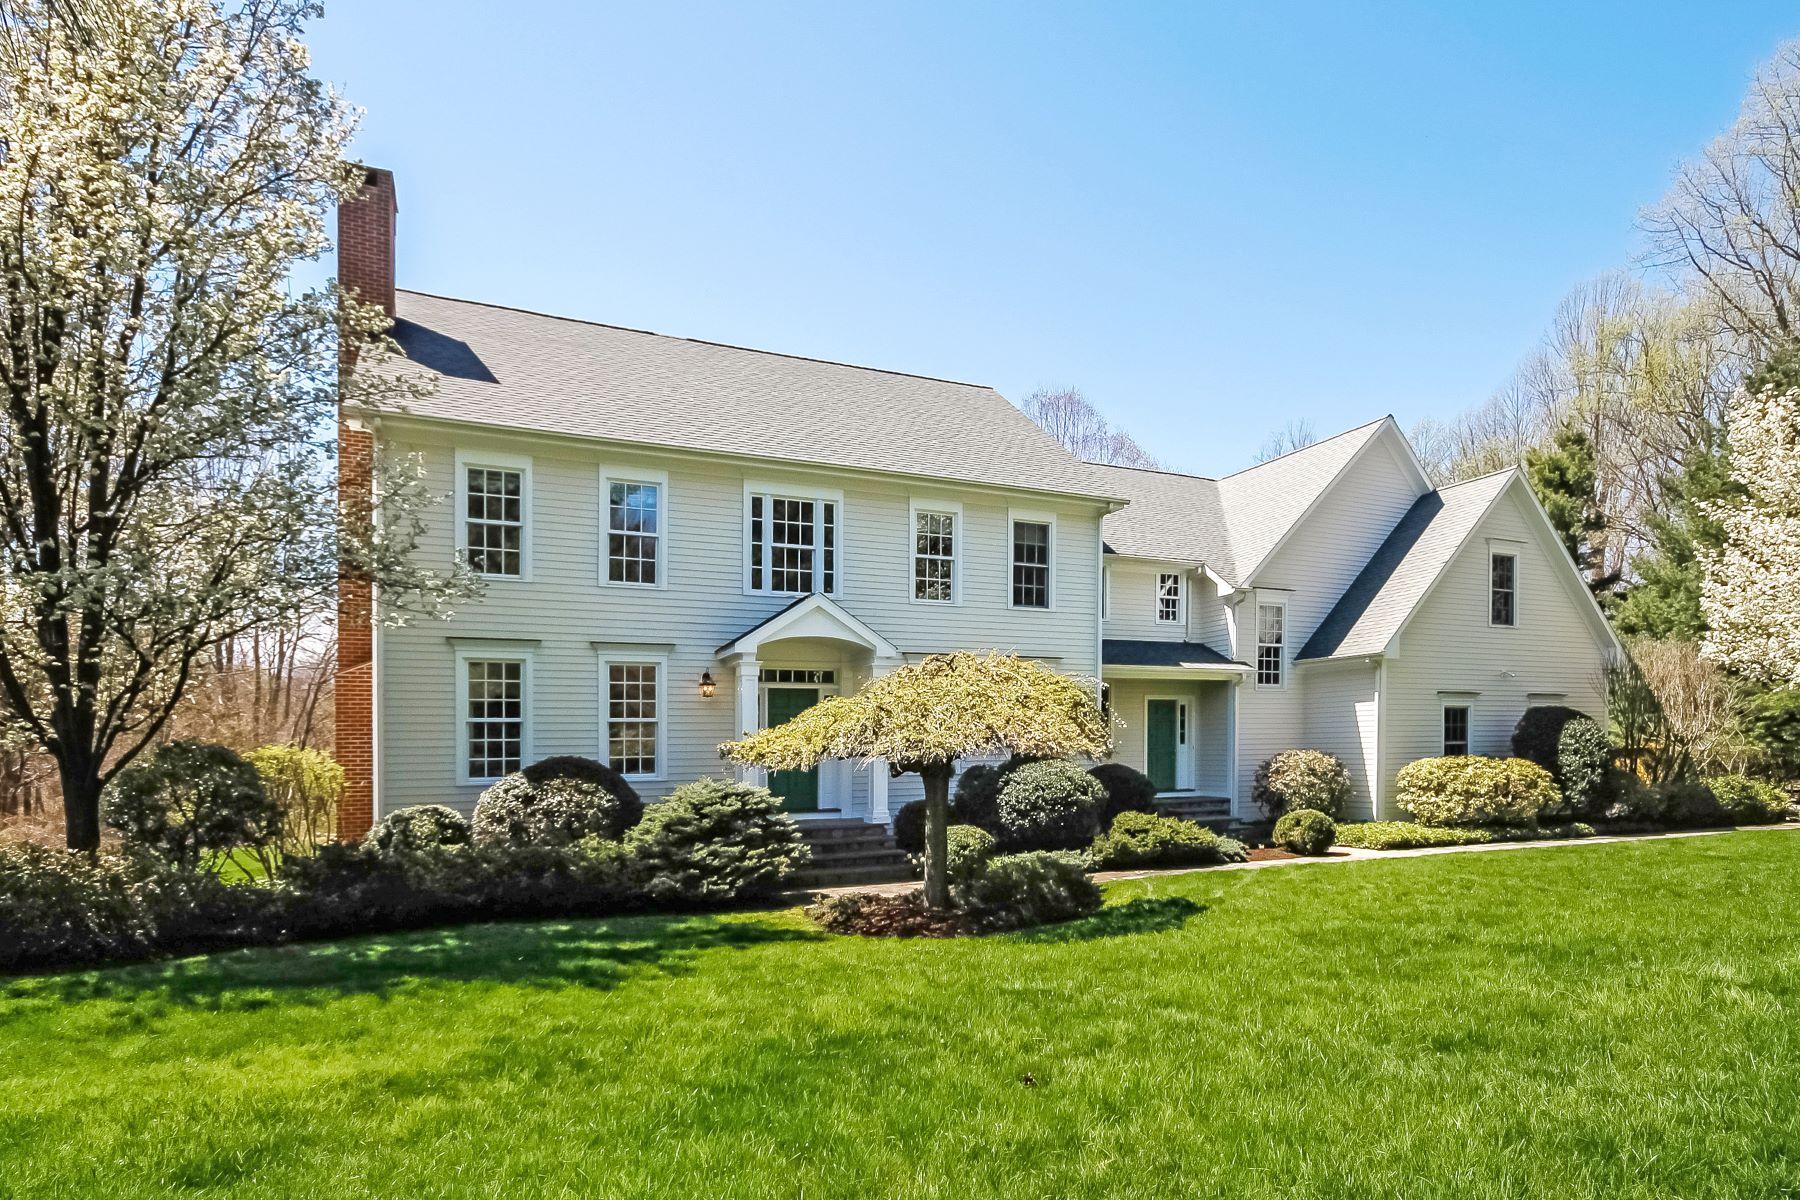 Maison unifamiliale pour l Vente à A Brilliant Synthesis of Home And Property 3781 Congress Street Fairfield, Connecticut 06824 États-Unis